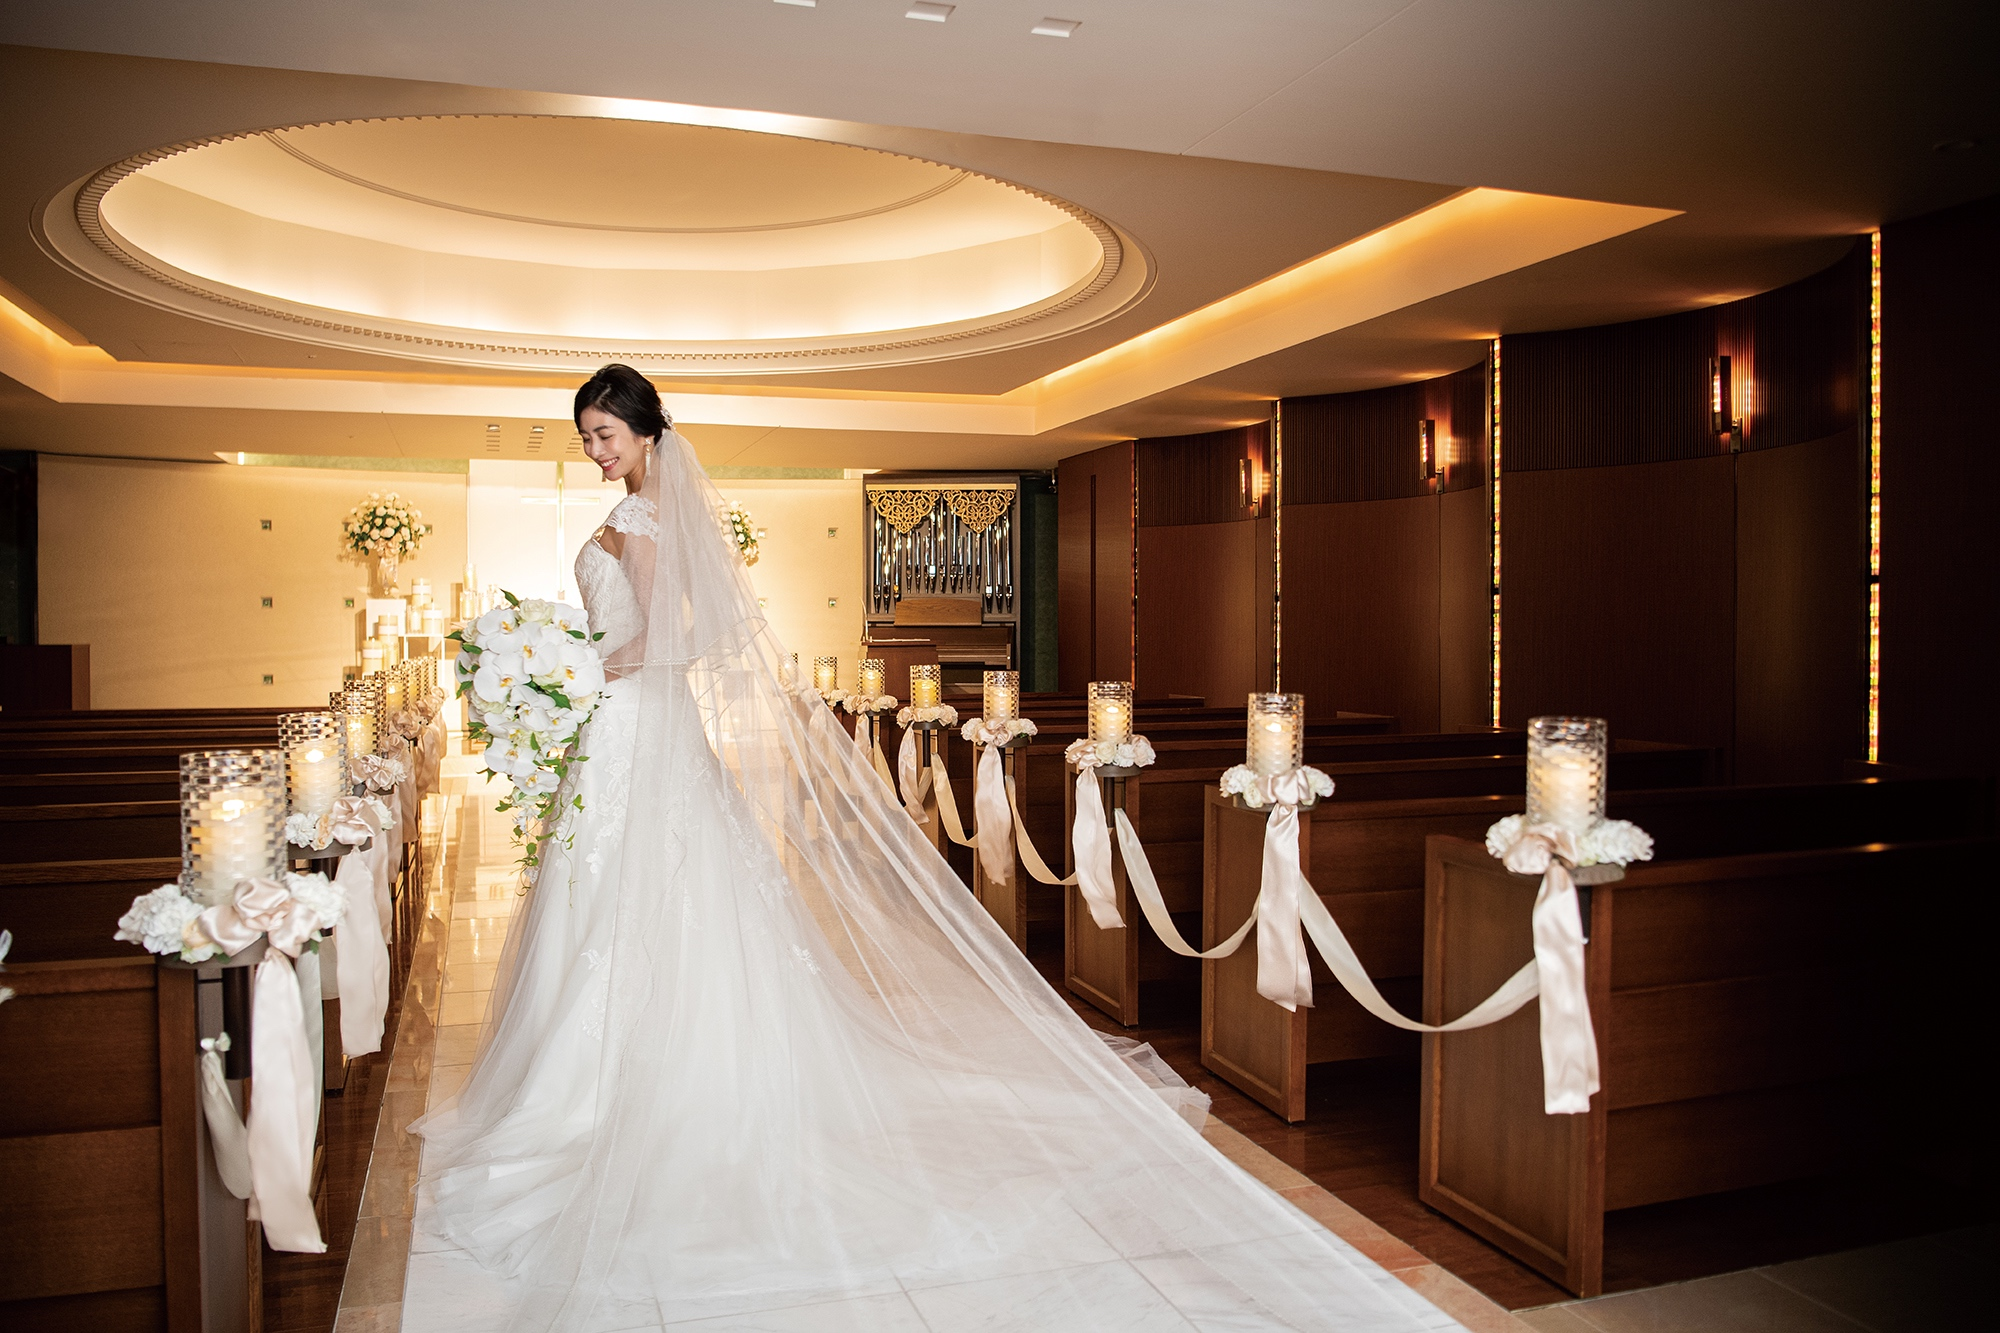 おふたりの希望や想いのこもった結婚式の実現のために